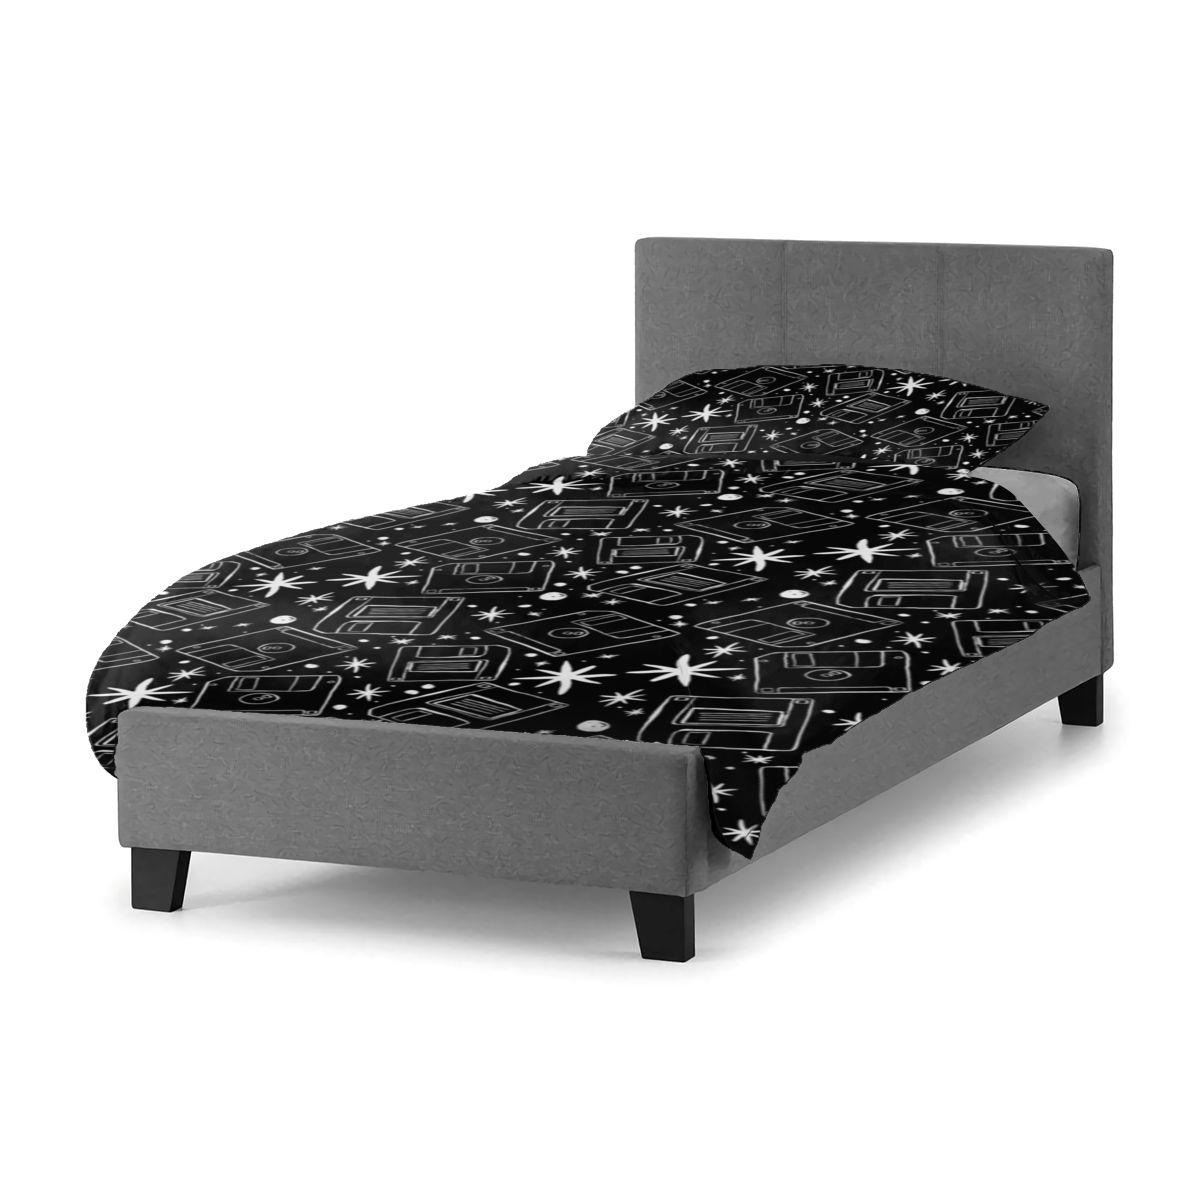 طقم سرير القرص غرفة نوم أغطية سرير الأحداث بيع مجموعة ورقة أنيقة